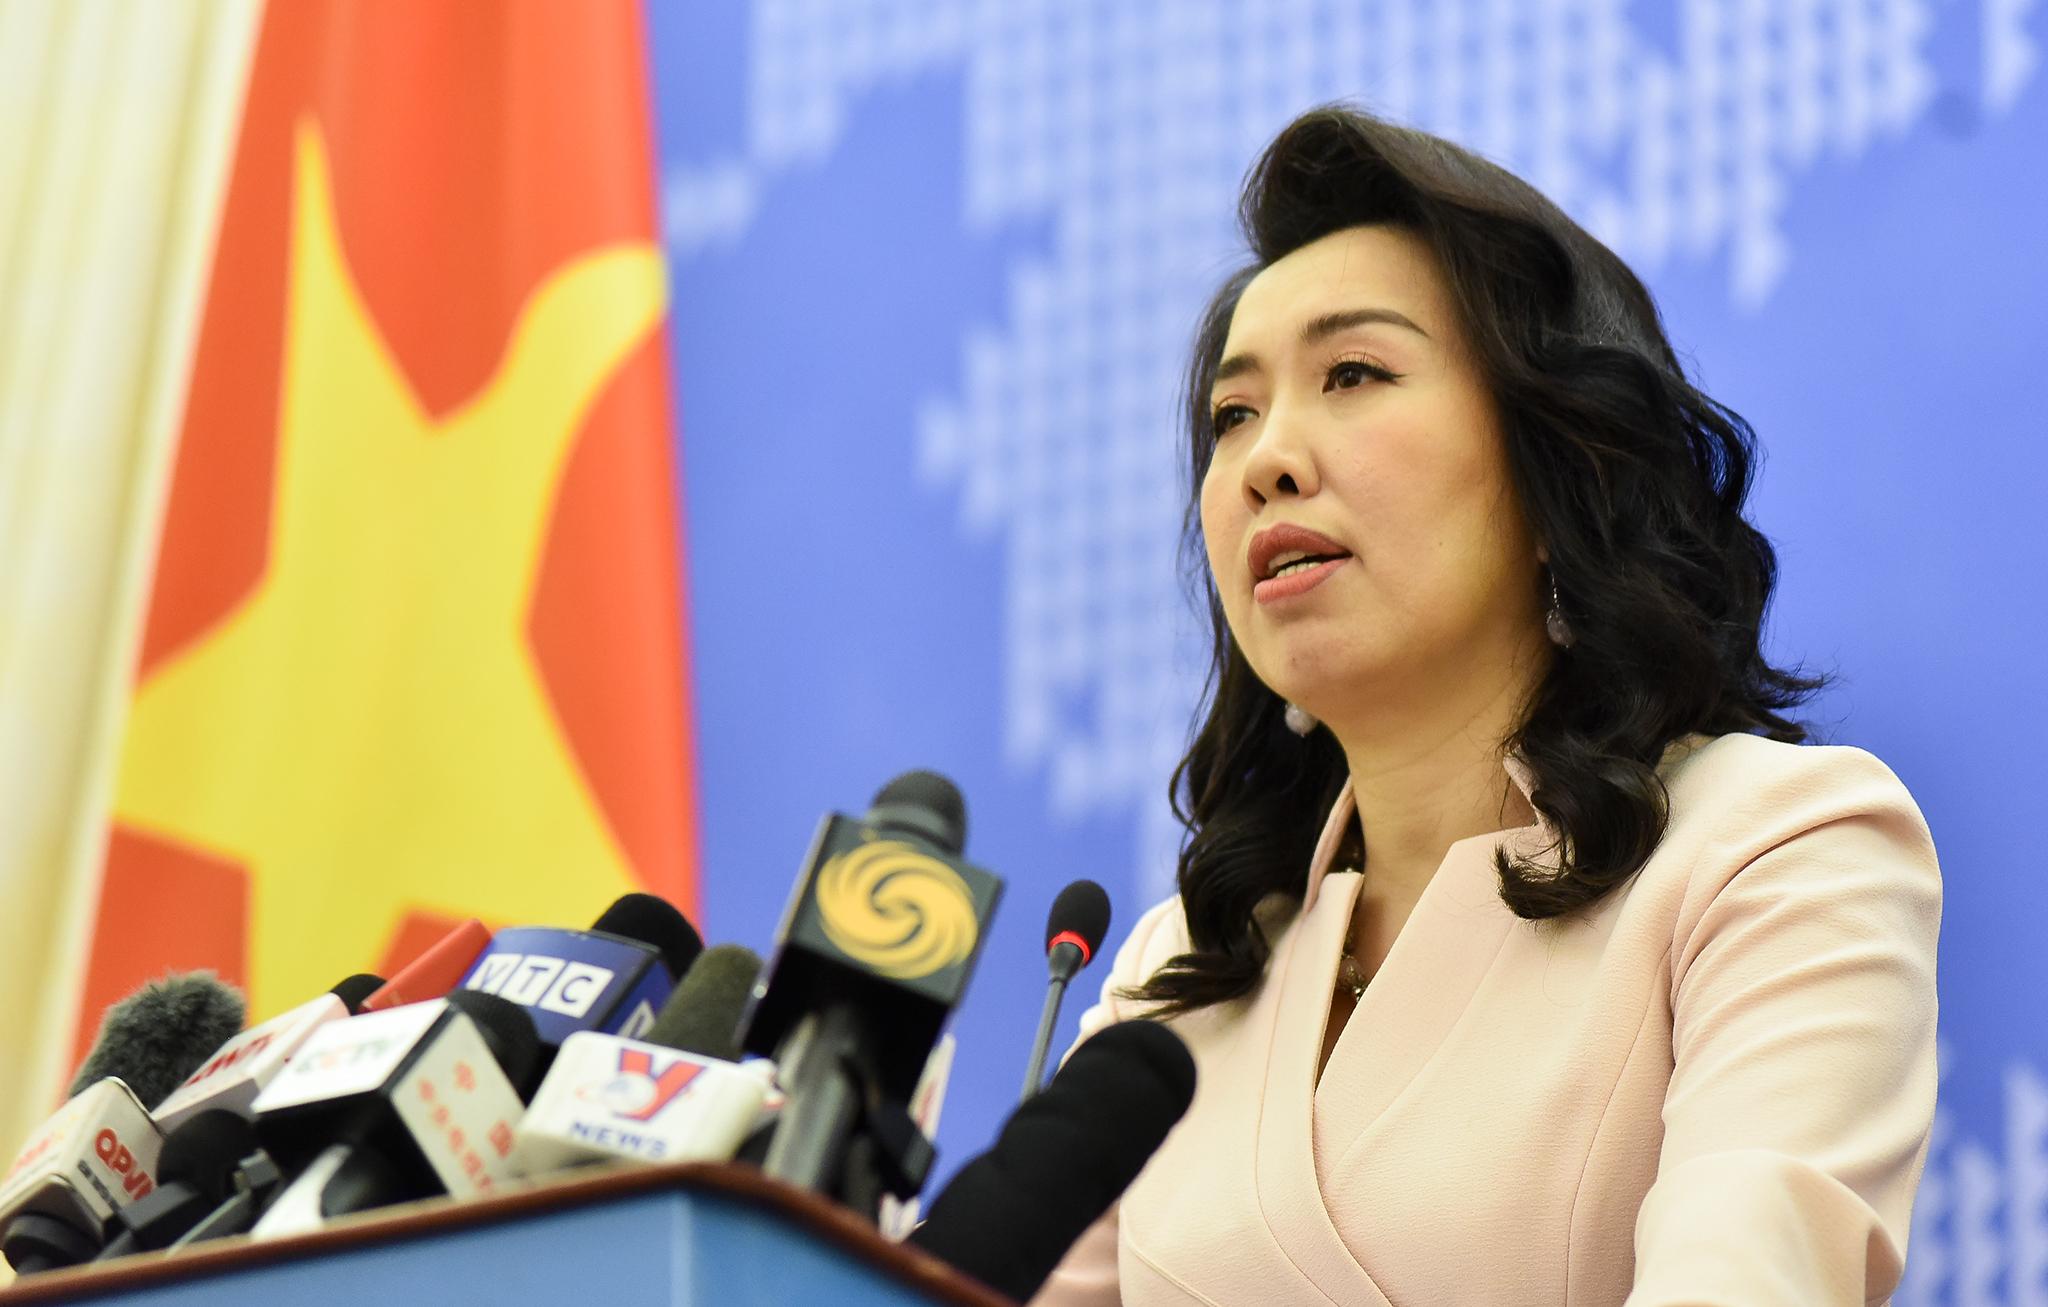 Mọi hoạt động liên quan đến quần đảo Hoàng Sa của Việt Nam mà không được sự cho phép của Việt Nam đều là hành vi vi phạm chủ quyền và vô giá trị